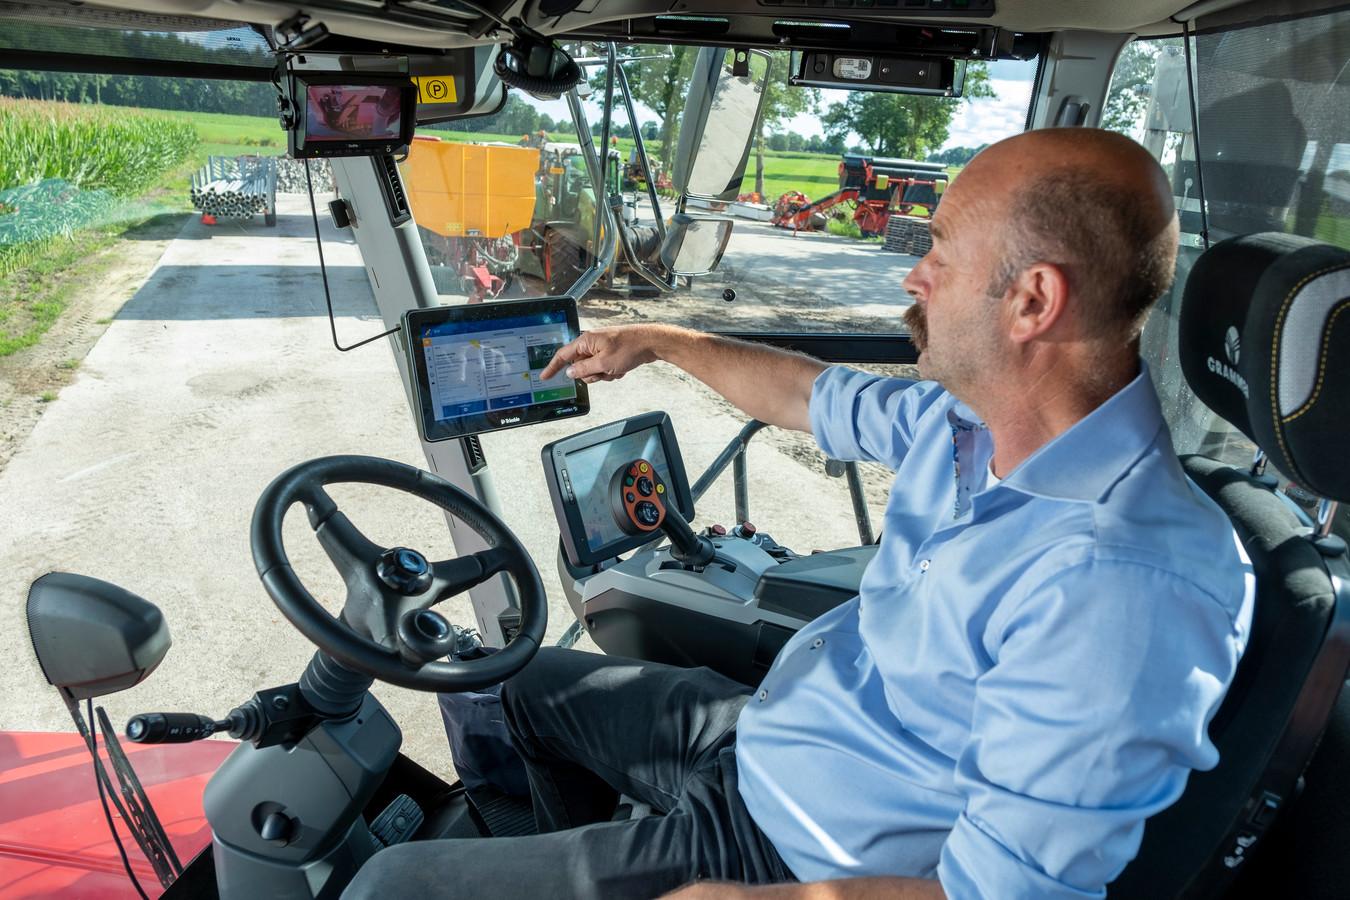 Oost-Europese bendes roven voor miljoenen aan gps-systemen op het platteland. Loonwerker Twan Gubbels uit Broekland heeft schrik voor een bezoek aan zijn bedrijf. Zonder kan hij namelijk niet meer.